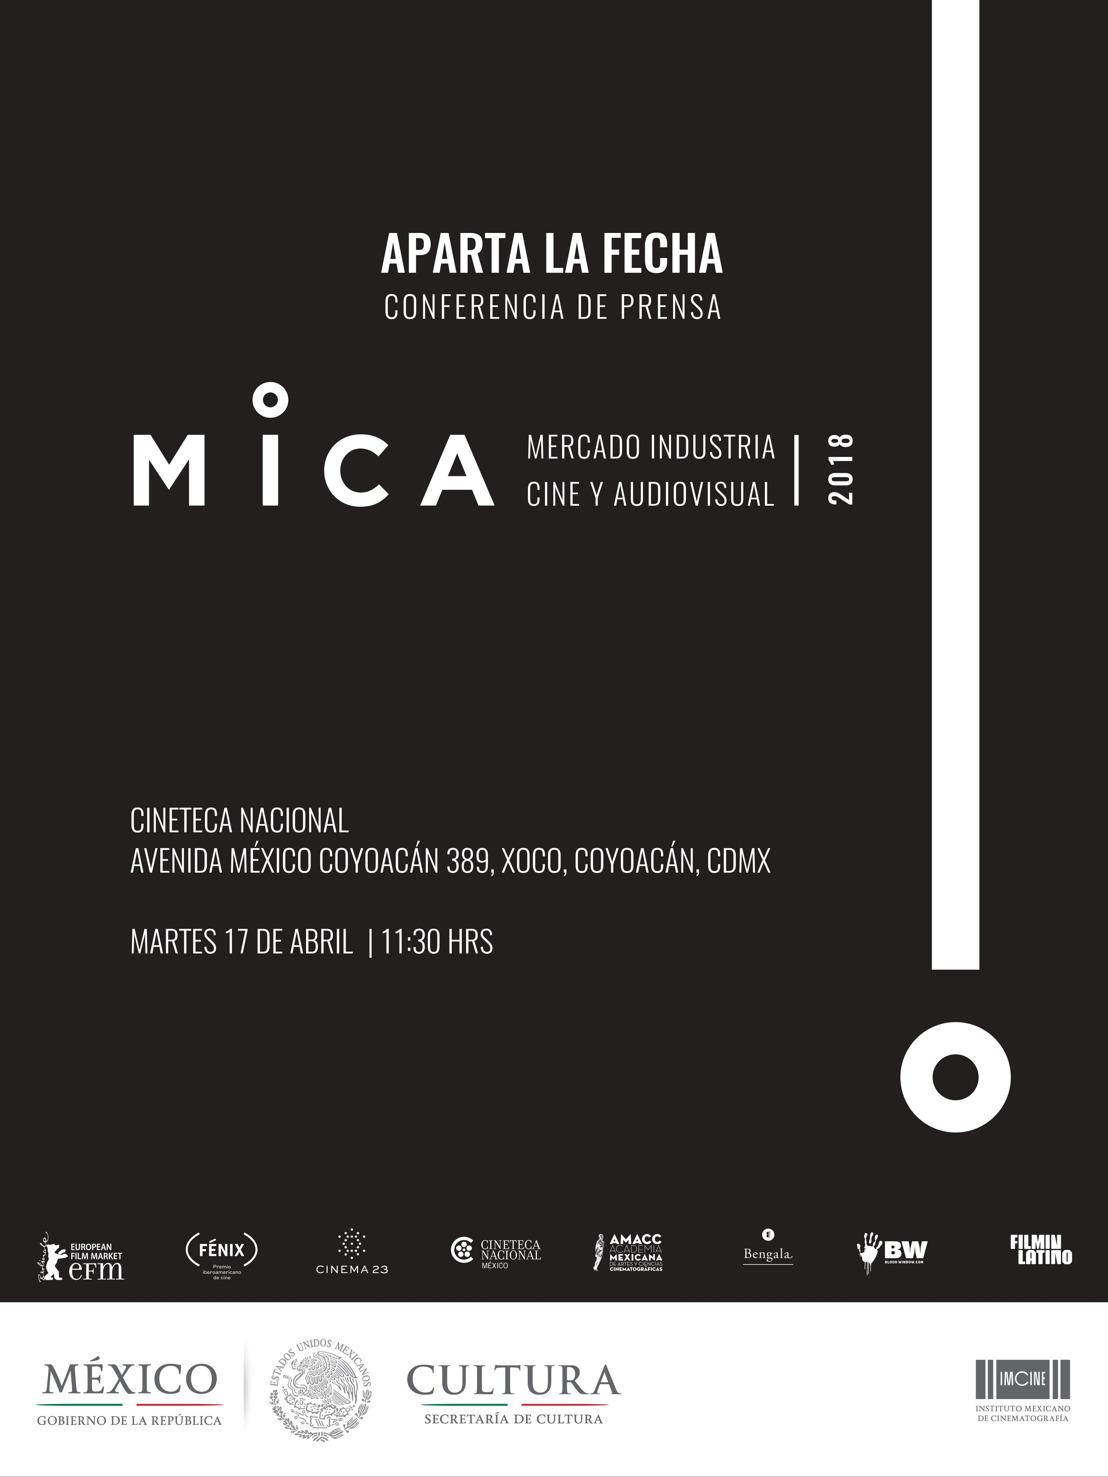 INVITACIÓN CONFERENCIA MICA (MERCADO E INDUSTRIA DEL CINE Y EL AUDIOVISUAL) 2018